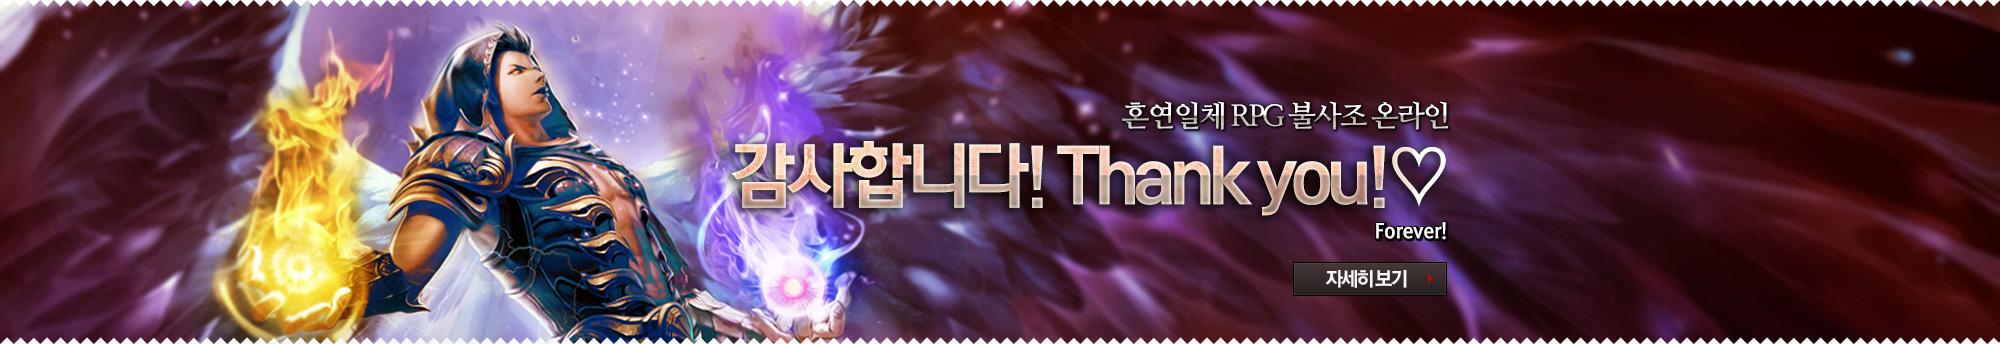 감사합니다! Thank you! Forever!